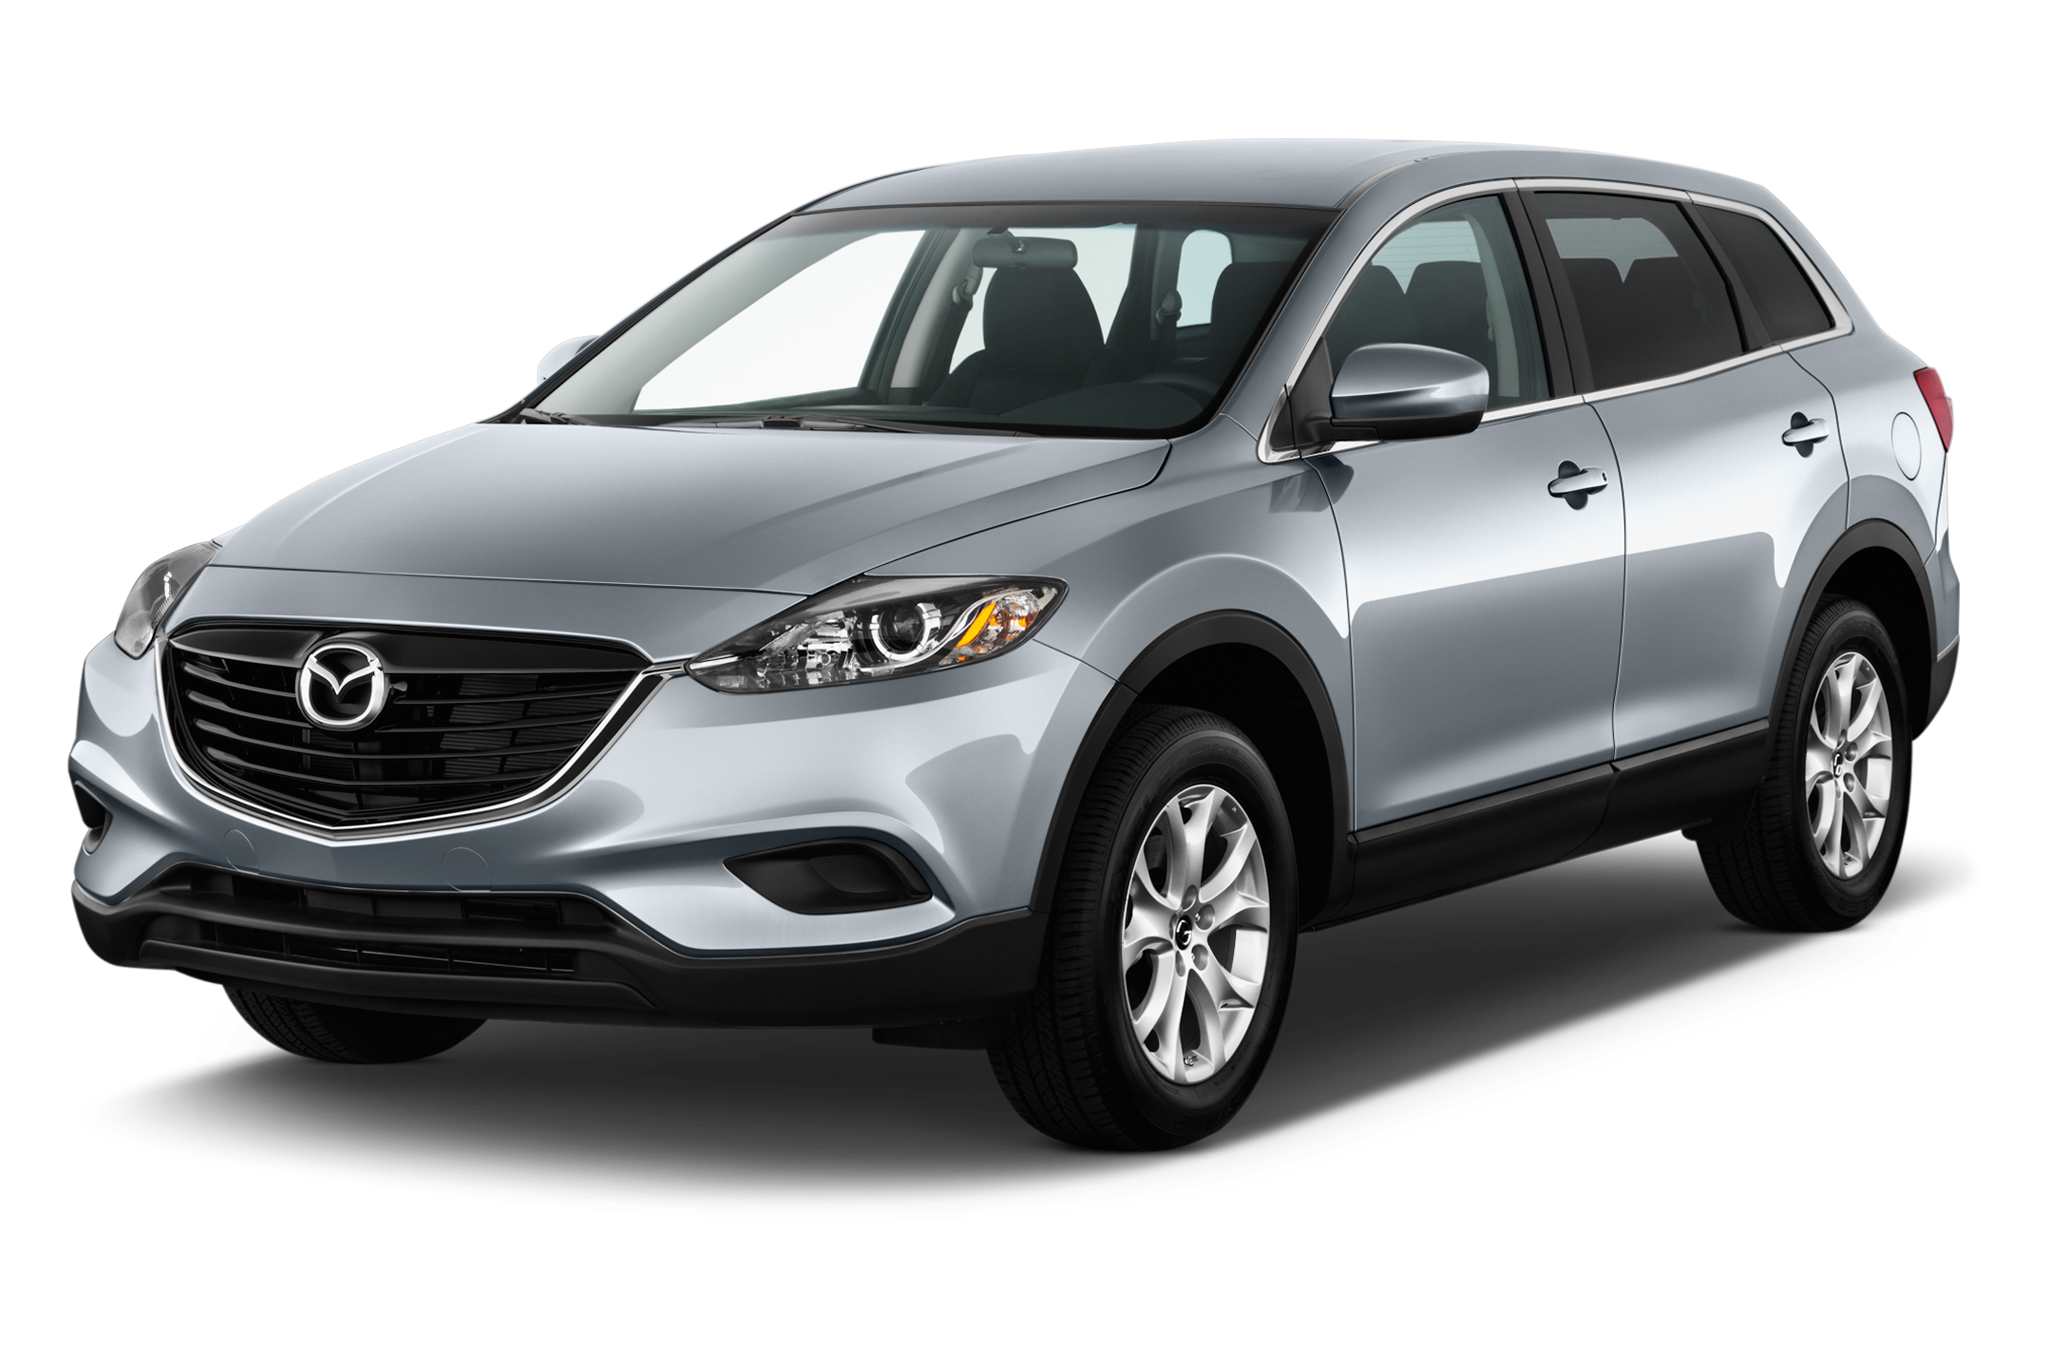 2015 Mazda CX-9